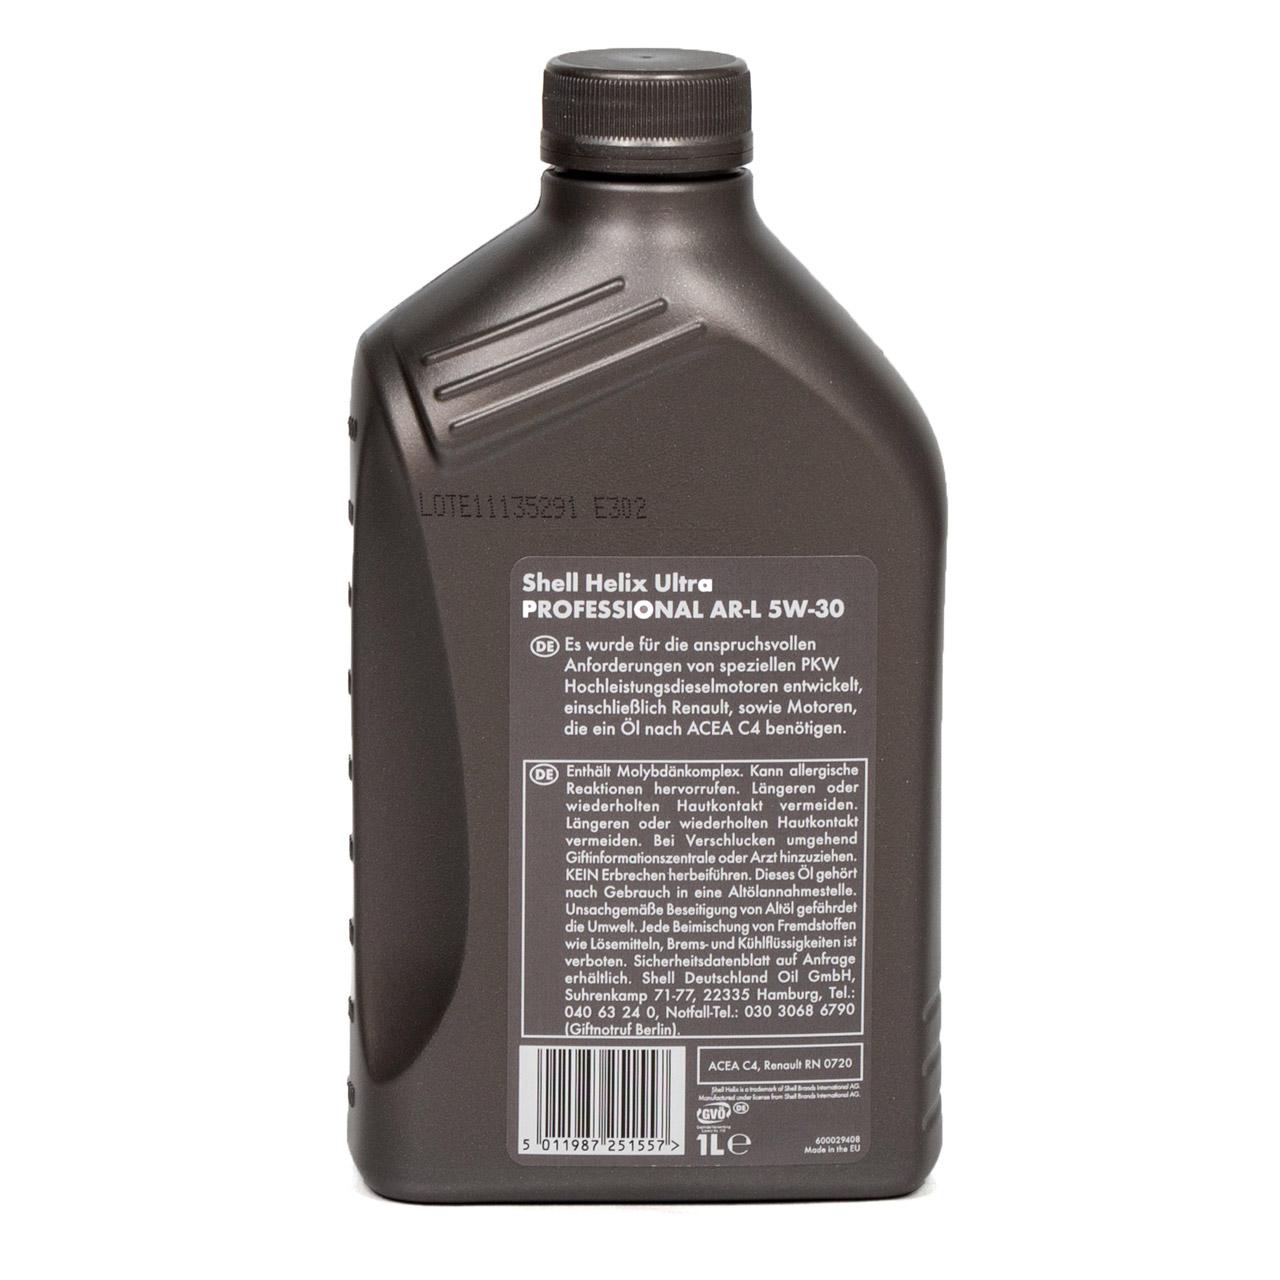 SHELL Motoröl Öl HELIX ULTRA Professional AR-L 5W30 Renault RN0720 - 1L 1 Liter